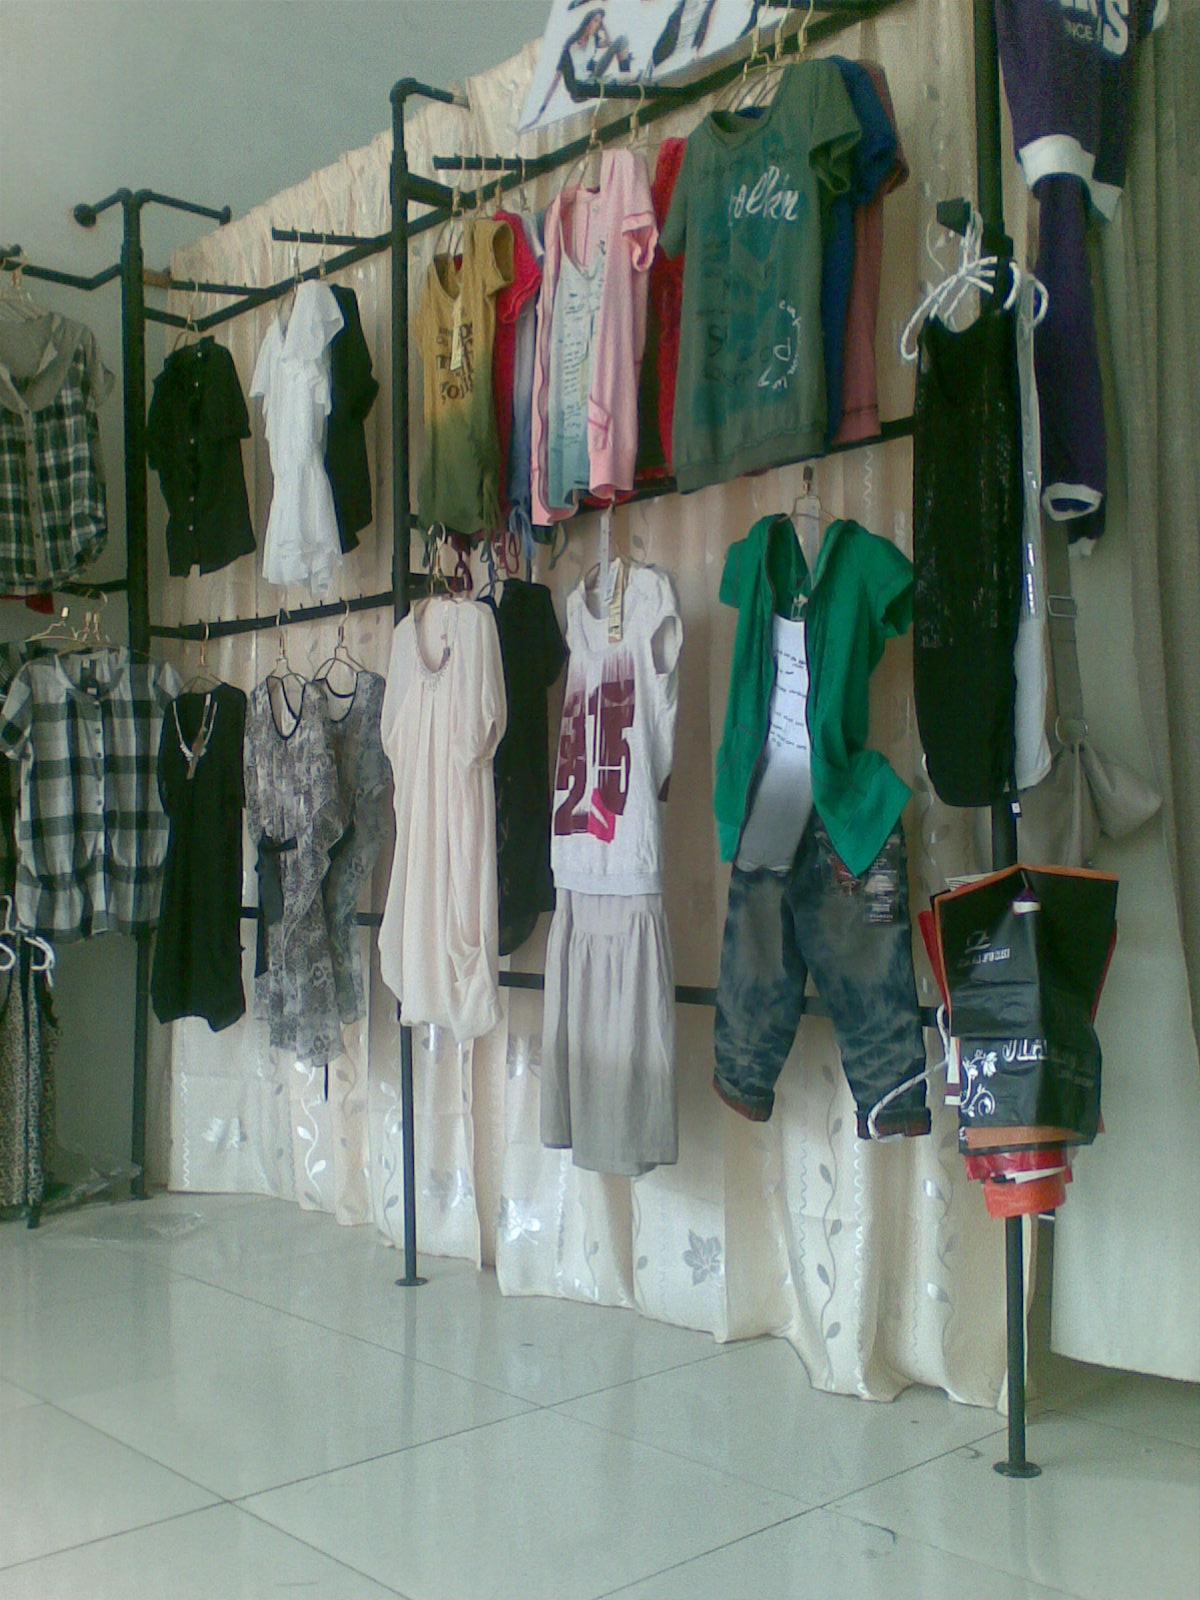 女服装店货架摆放图片,服装店装修货架,服装店货架上墙组合